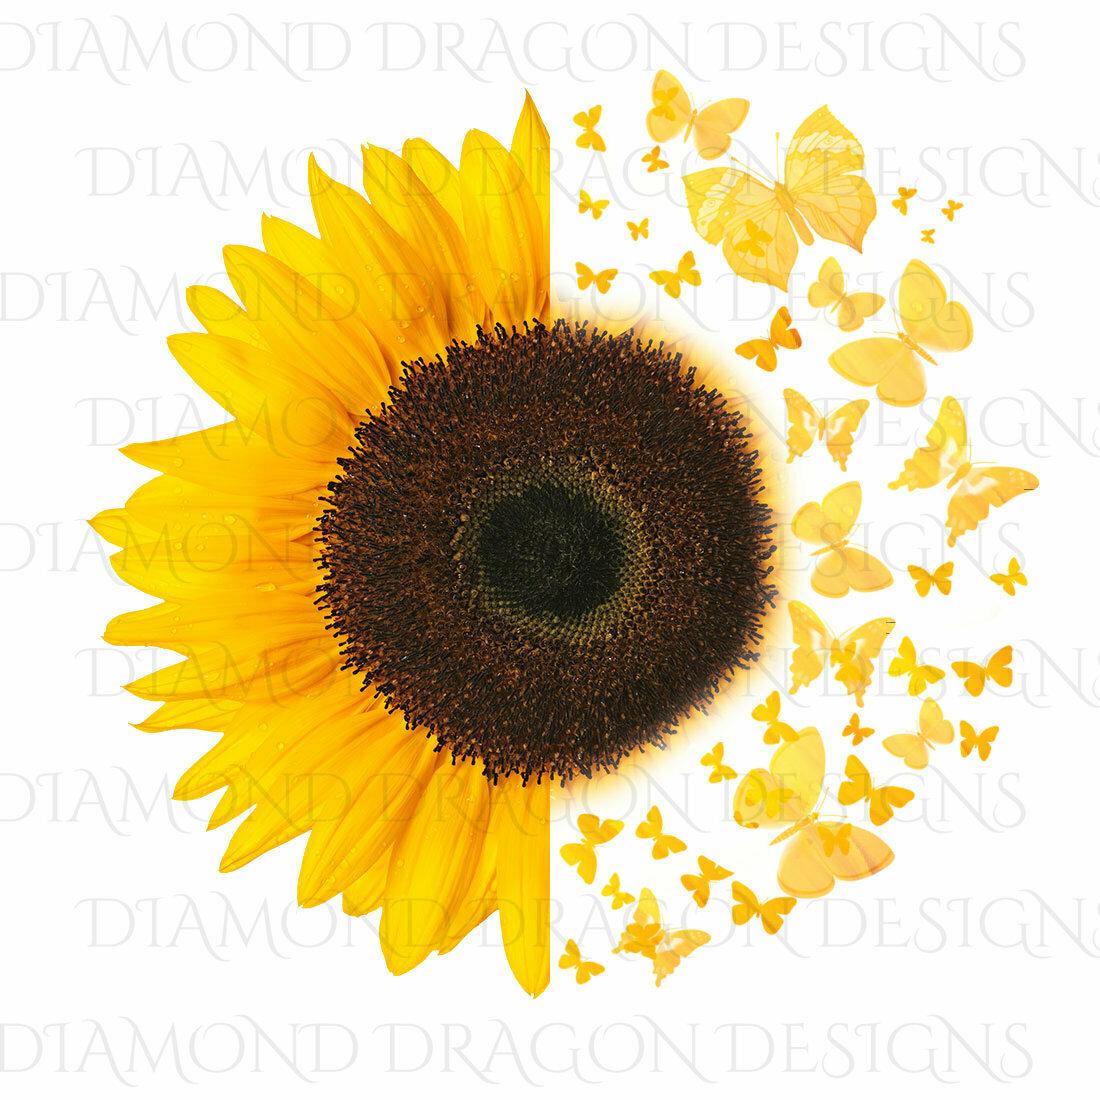 Sunflowers - Half Sunflower, Butterfly Sunflower, Butterflies, Yellow Sunflower Image, Digital Image